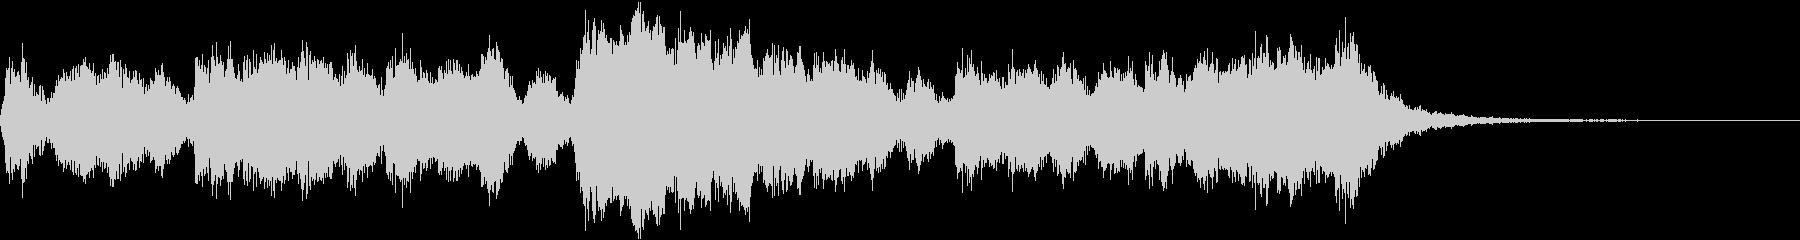 オーケストラによる元気なジングルの未再生の波形